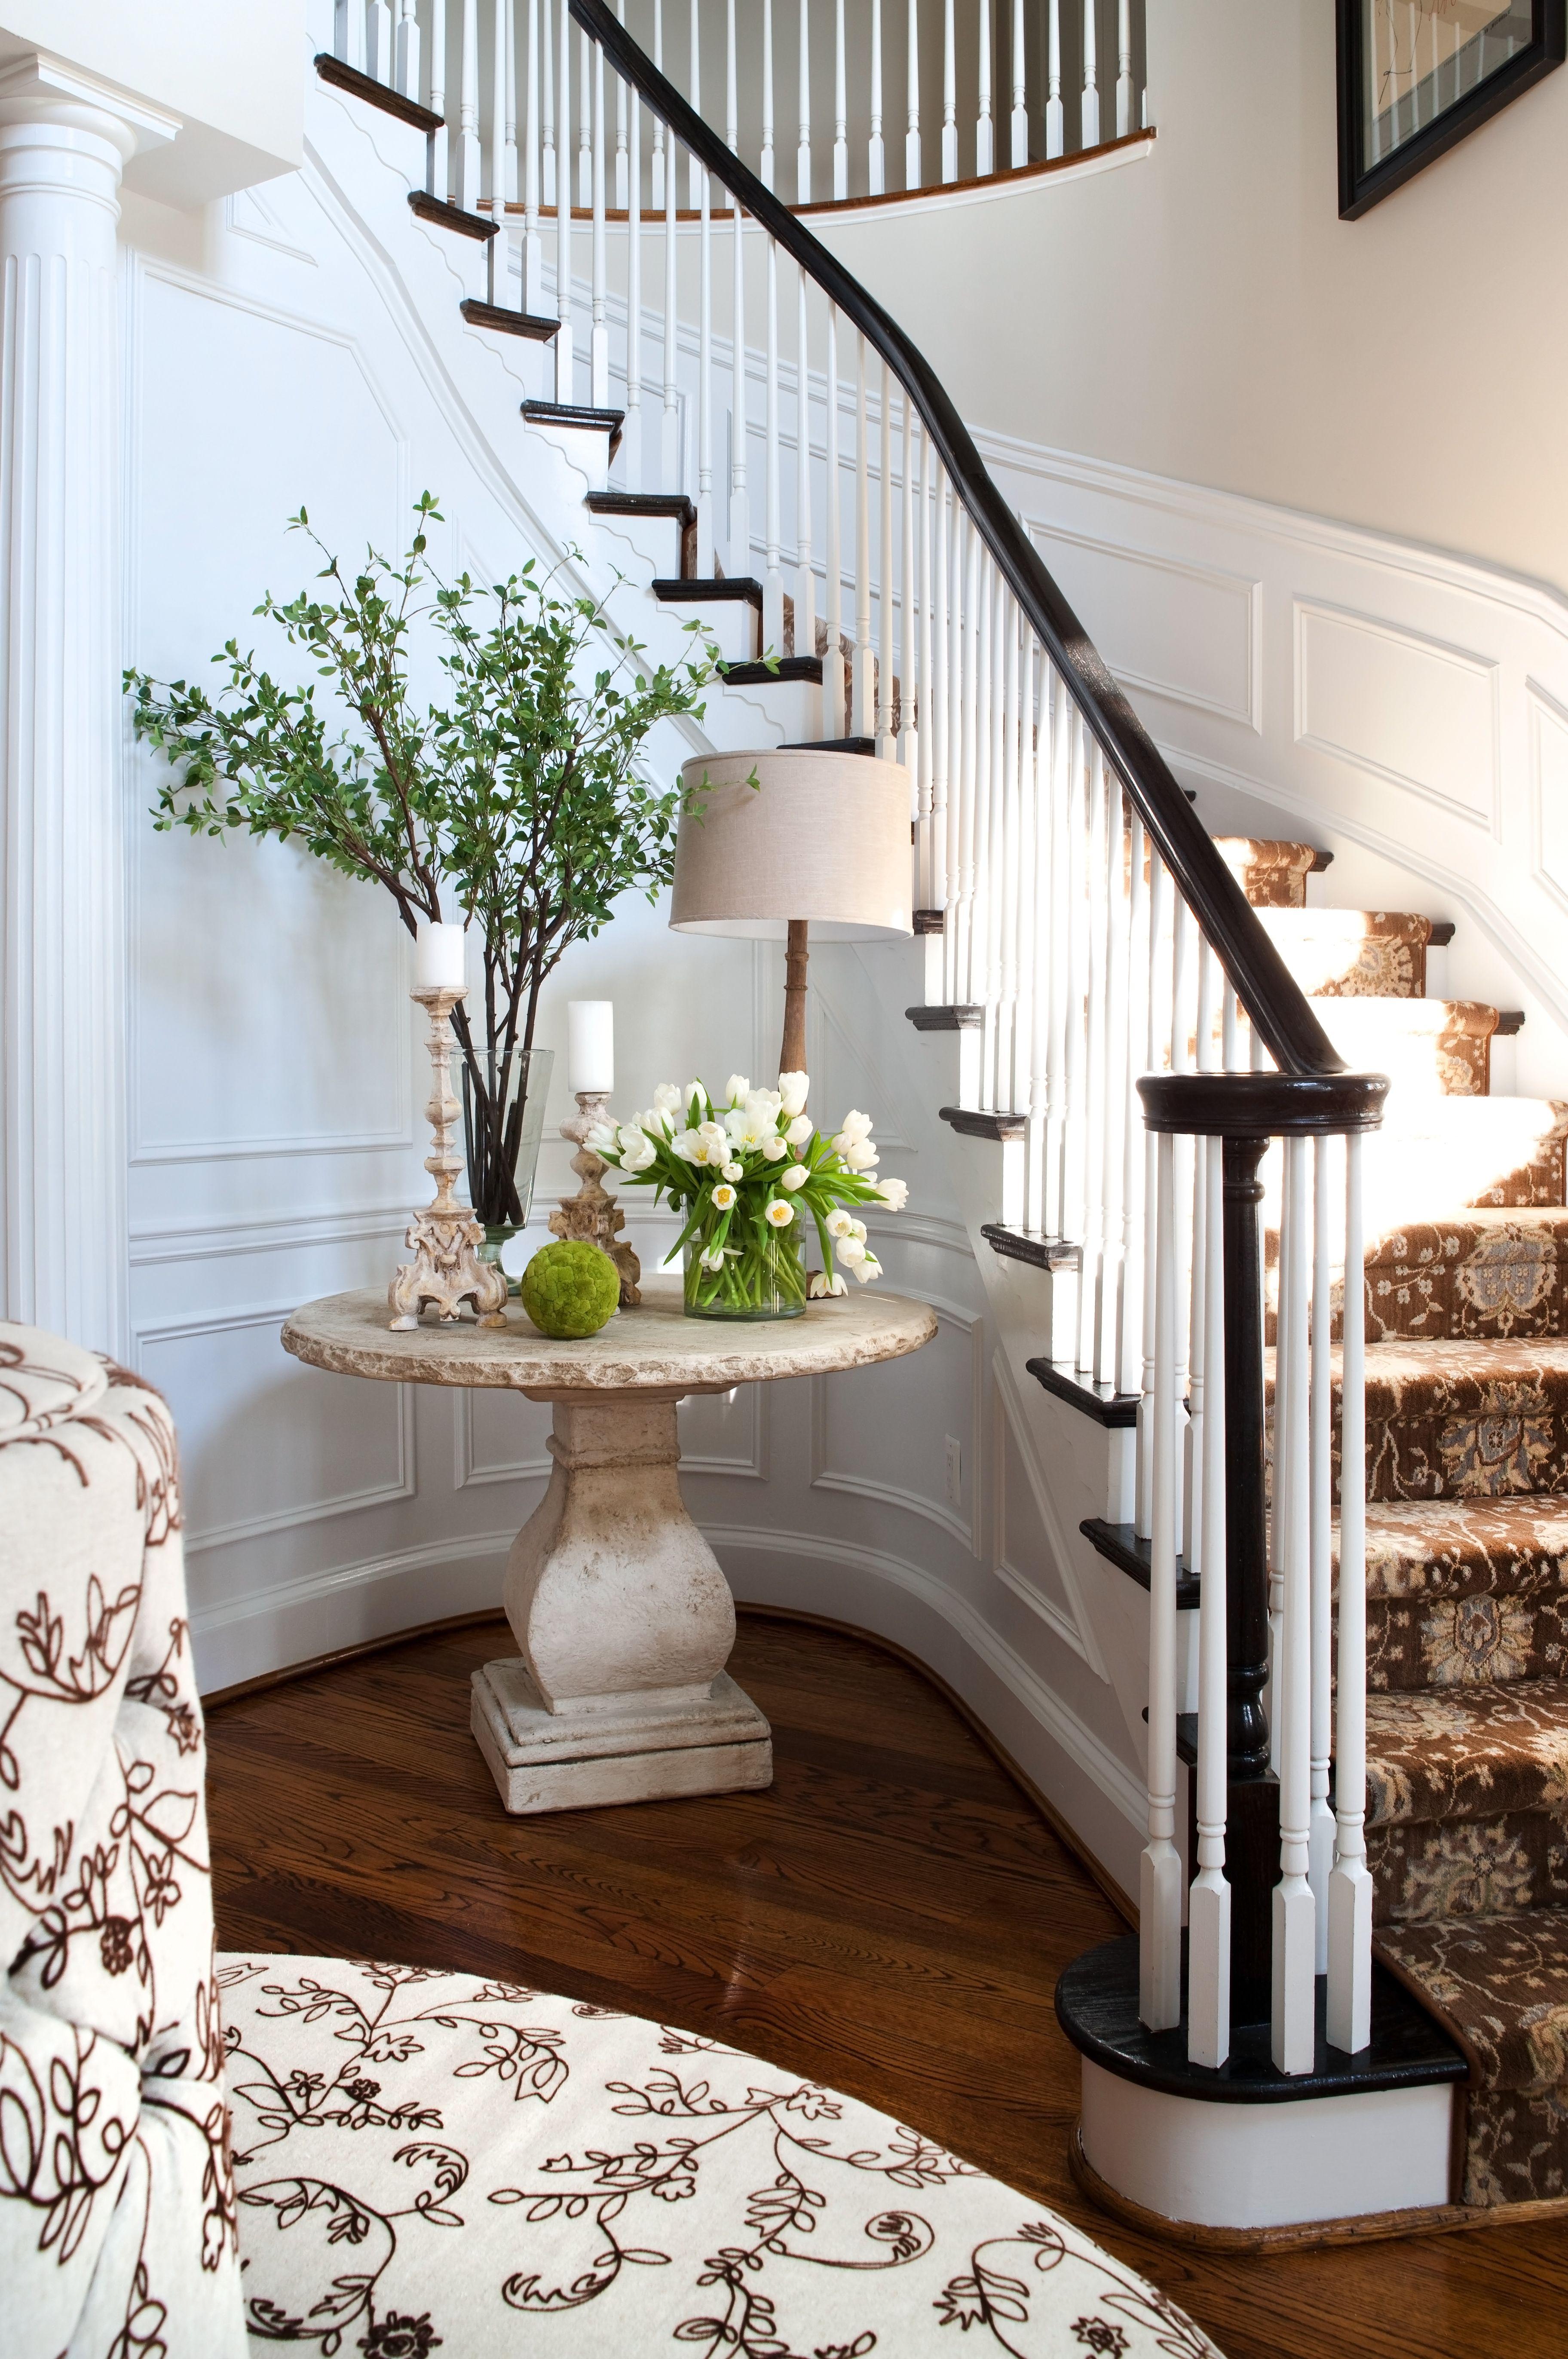 Kristin Peake Interiors Staircase Decor Foyer Table Decor